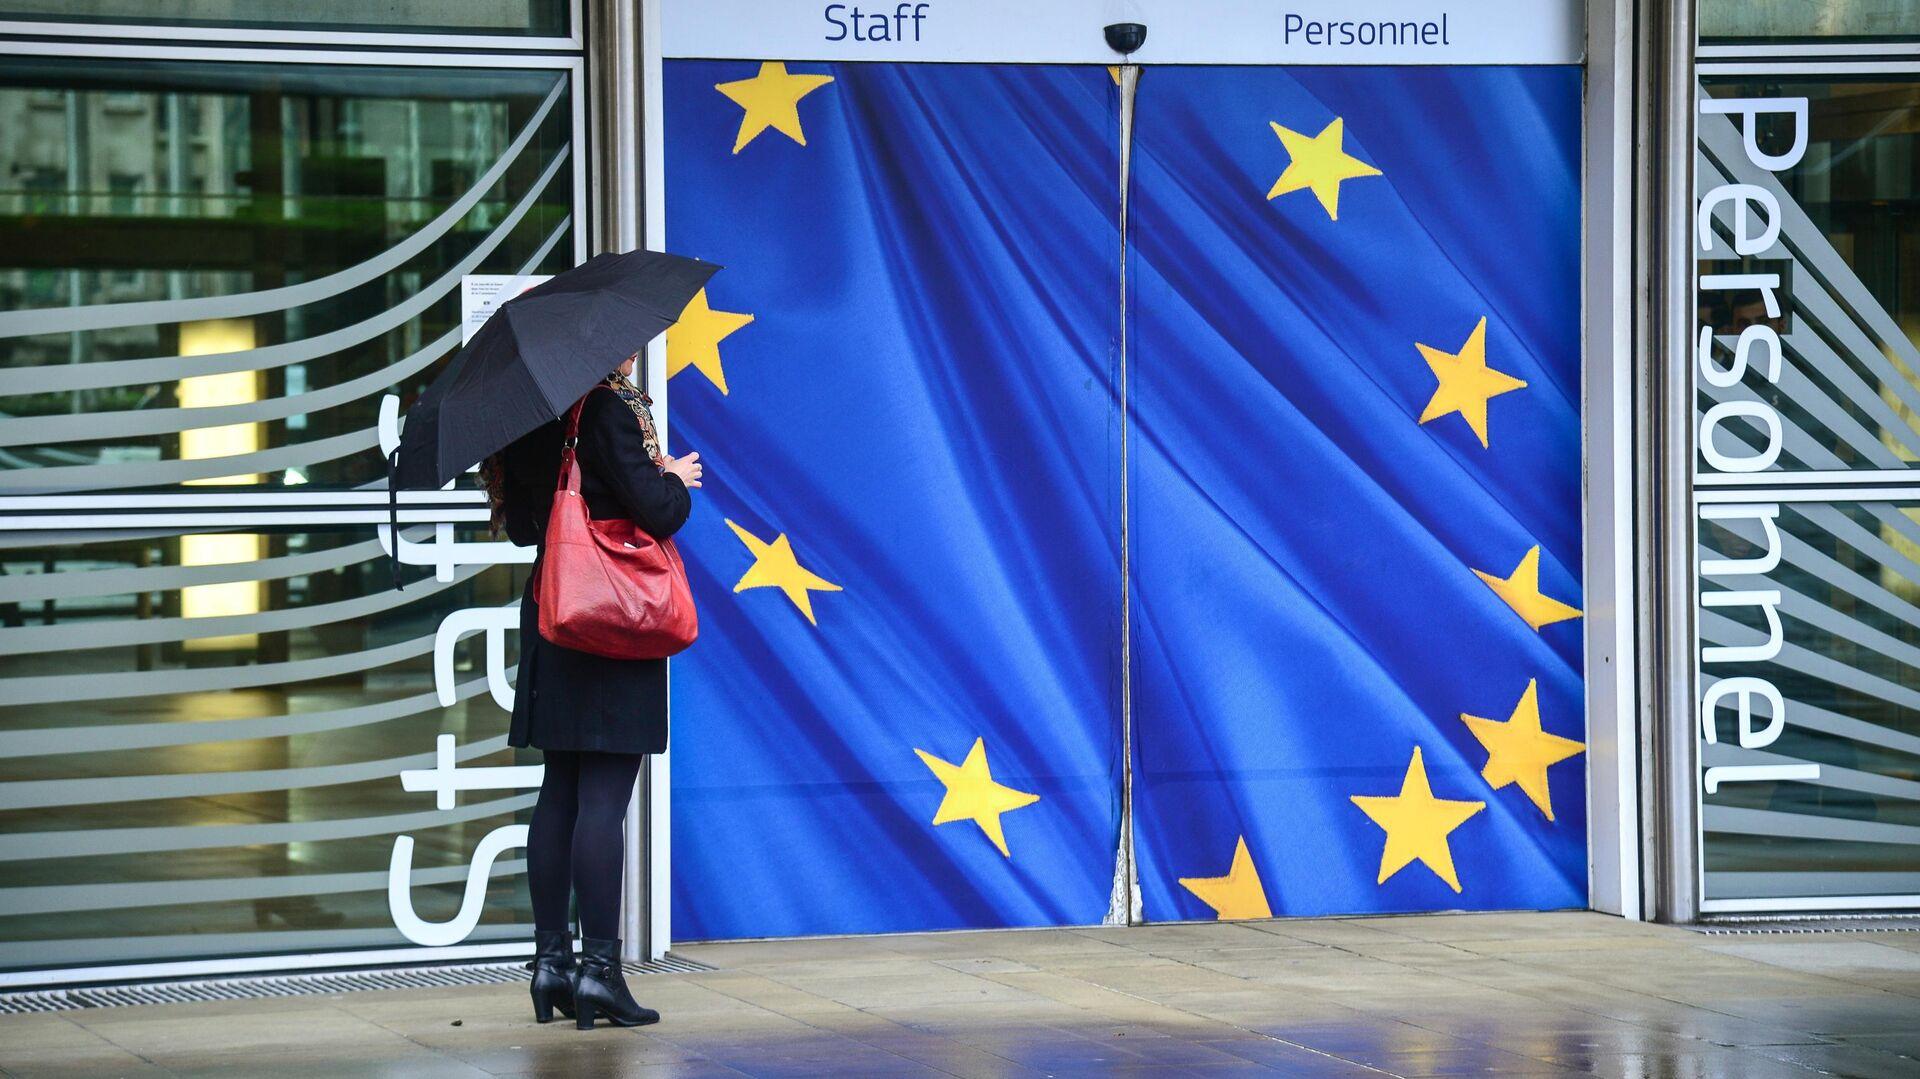 Вход в здание Еврокомиссии в Брюсселе - РИА Новости, 1920, 09.10.2020